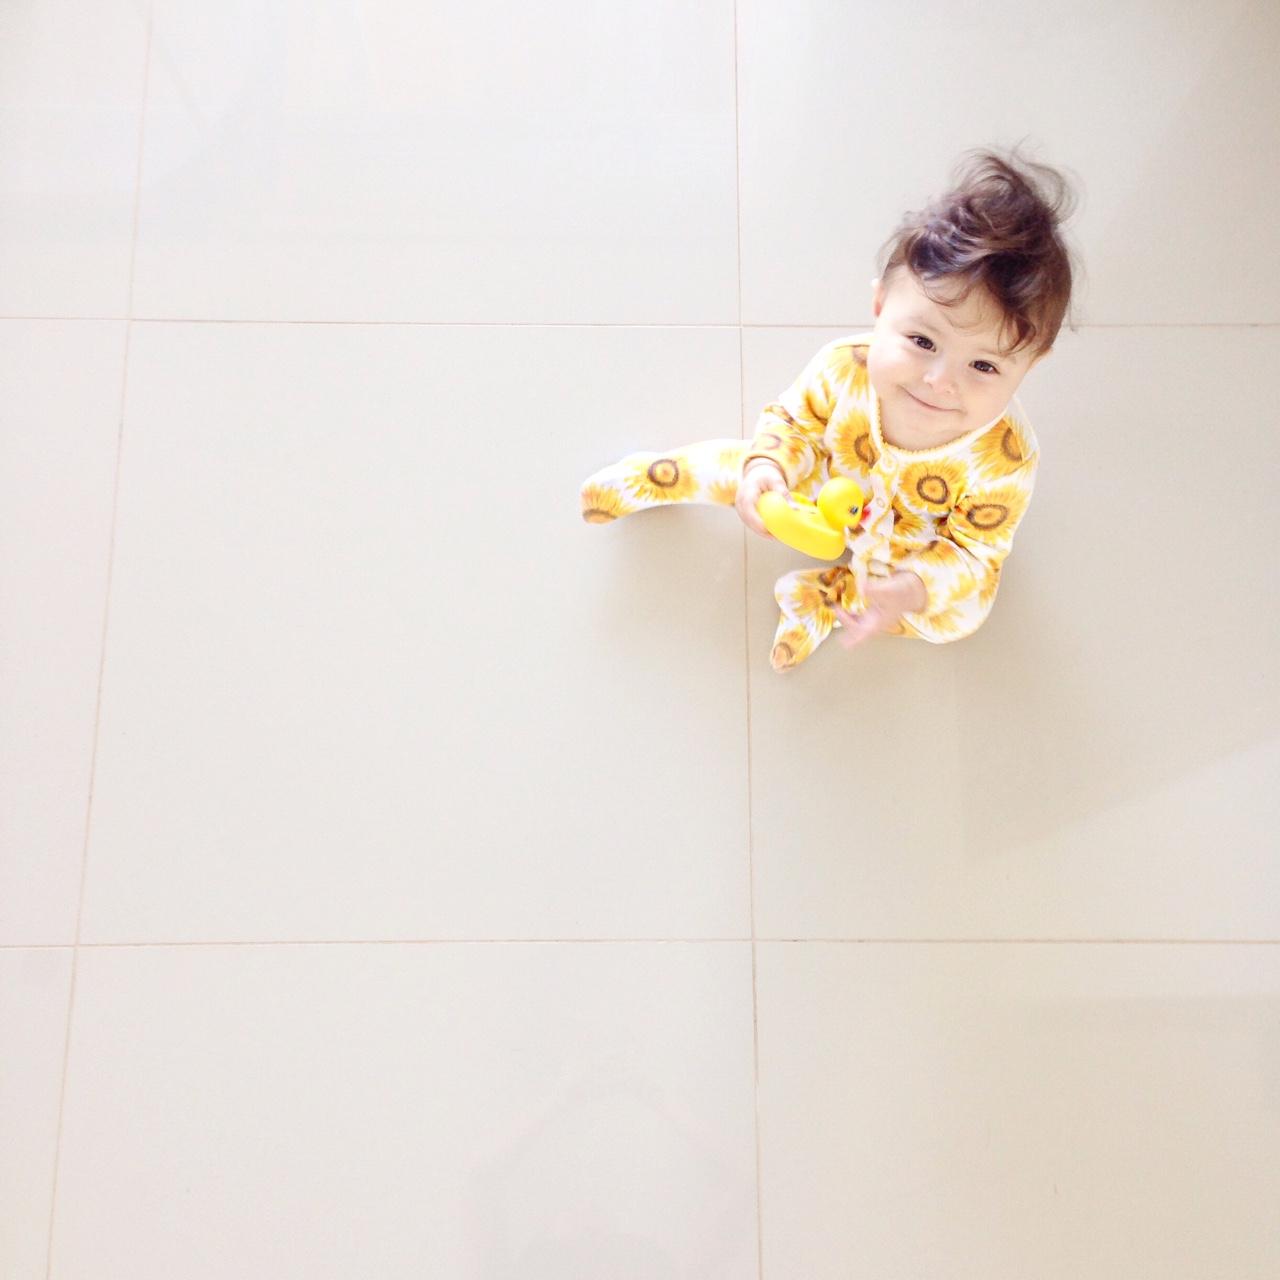 Bebe de oito meses